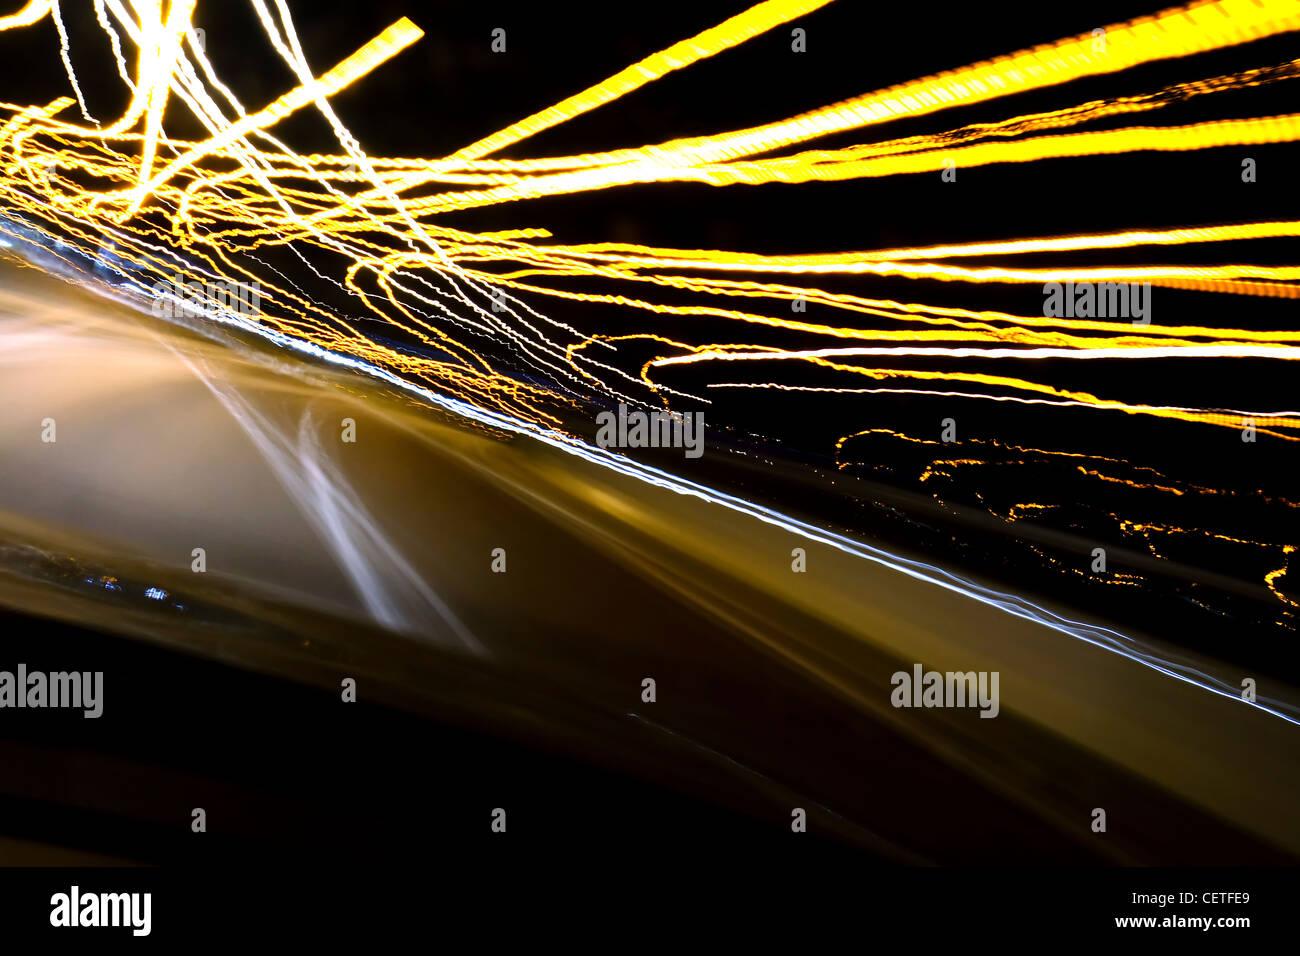 Vue d'une voiture en mouvement à la lumière des sentiers sur l'autoroute M1 dans la nuit. Photo Stock